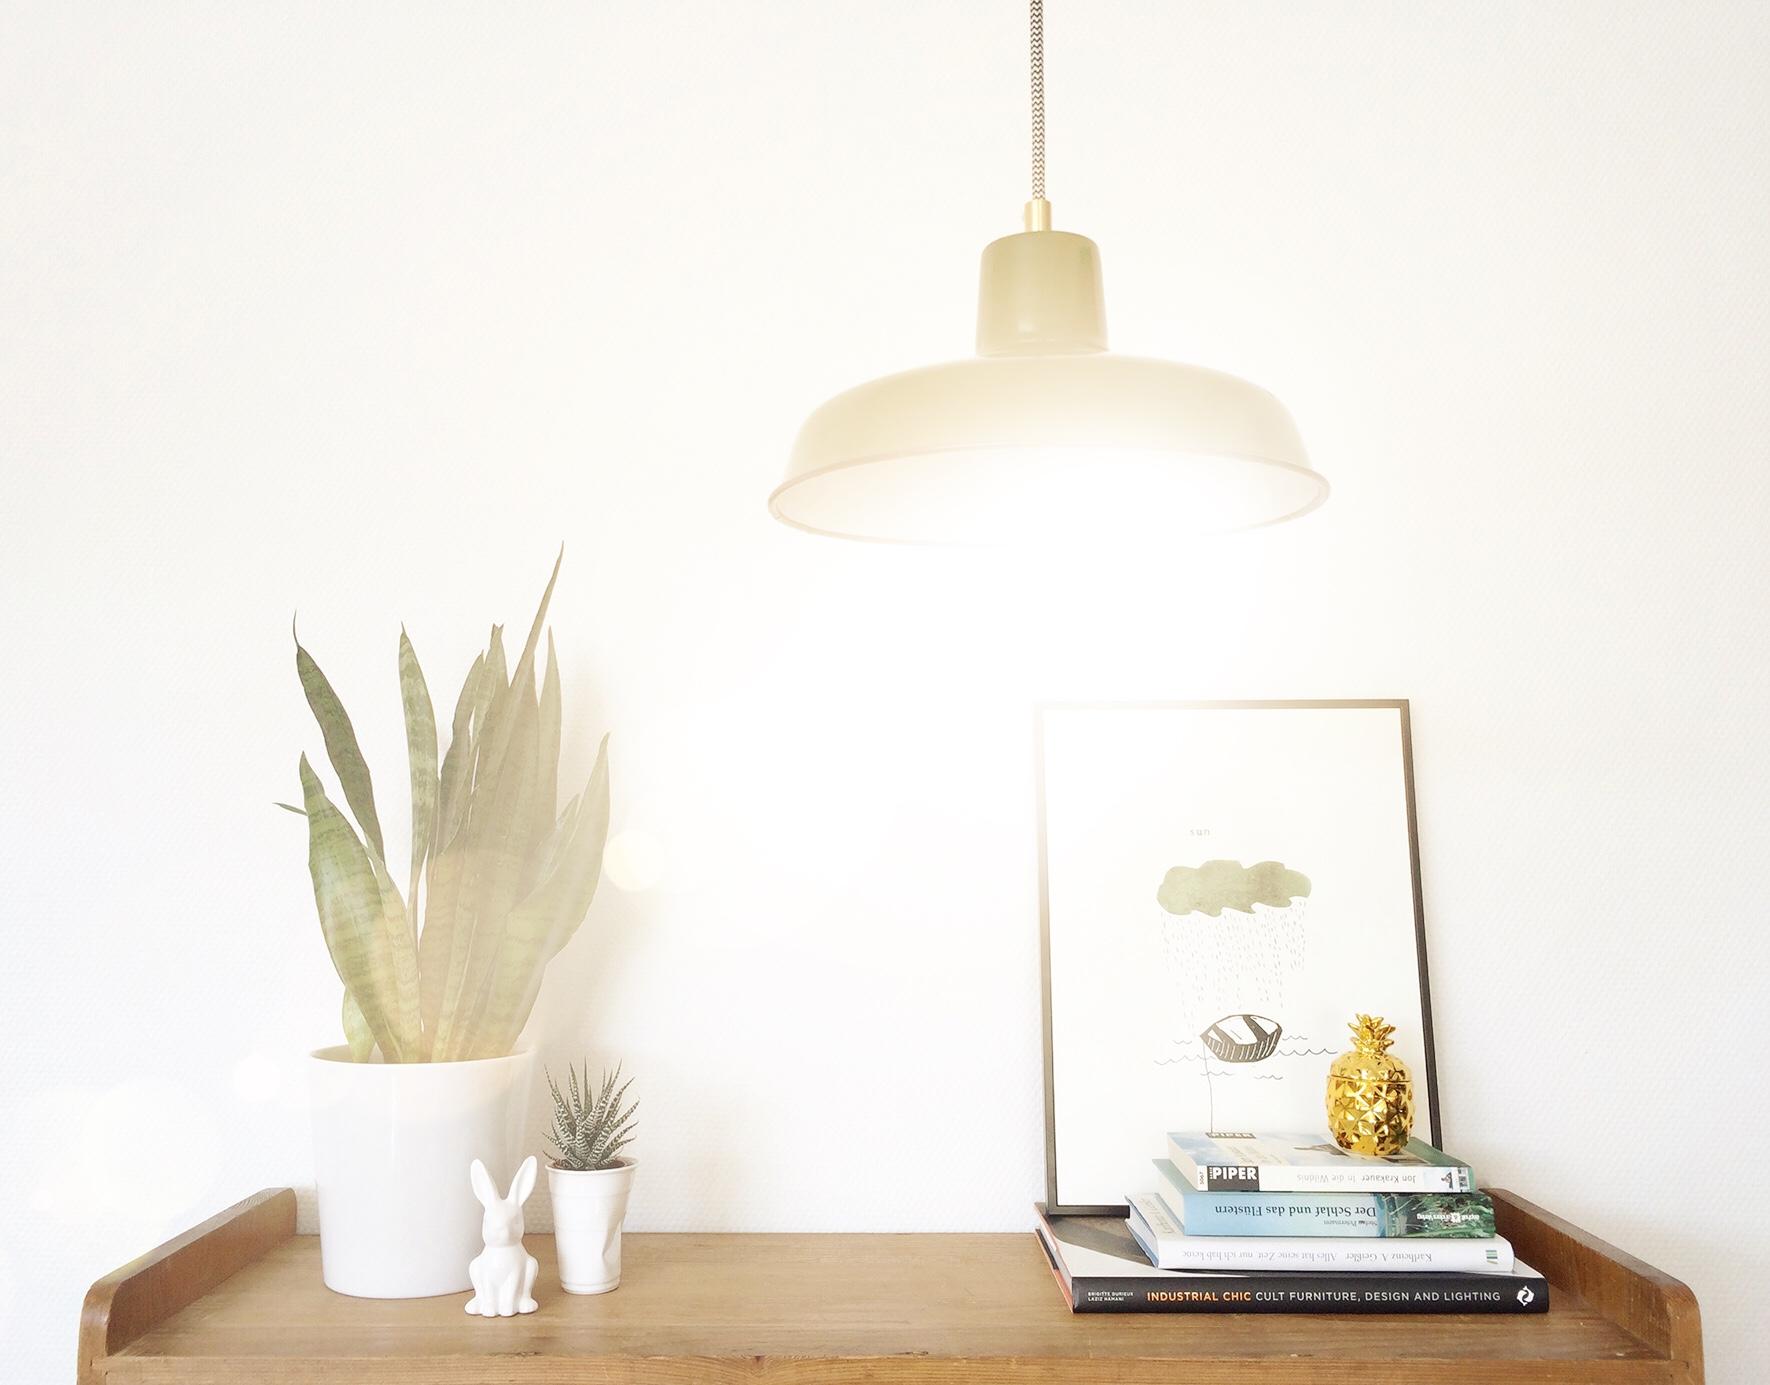 Hilfe, meine Lampe blendet | JØLG